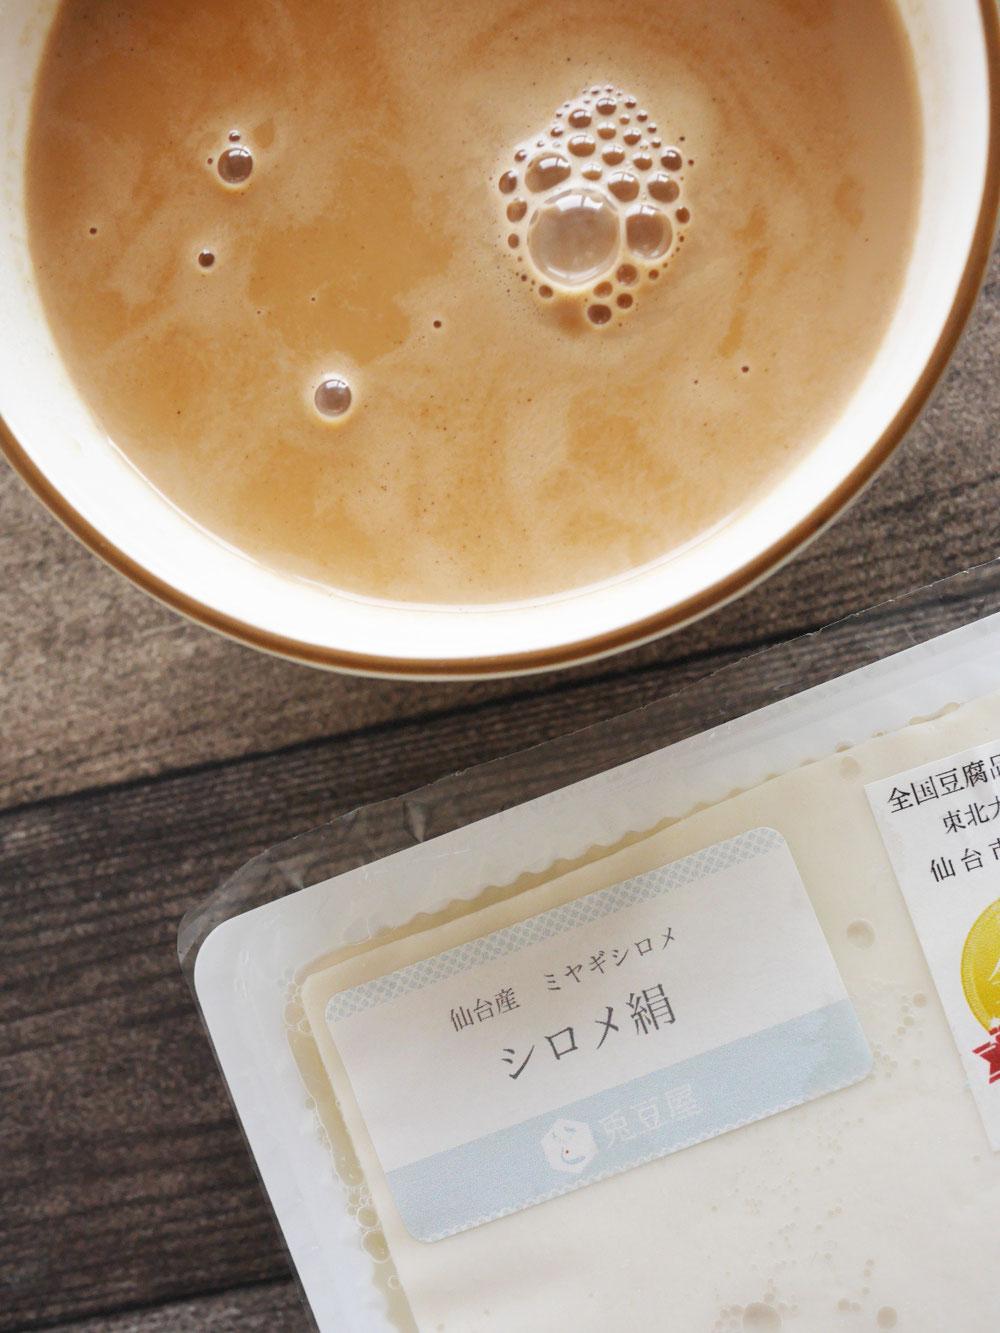 兎豆屋の豆乳ロイヤルミルクティー